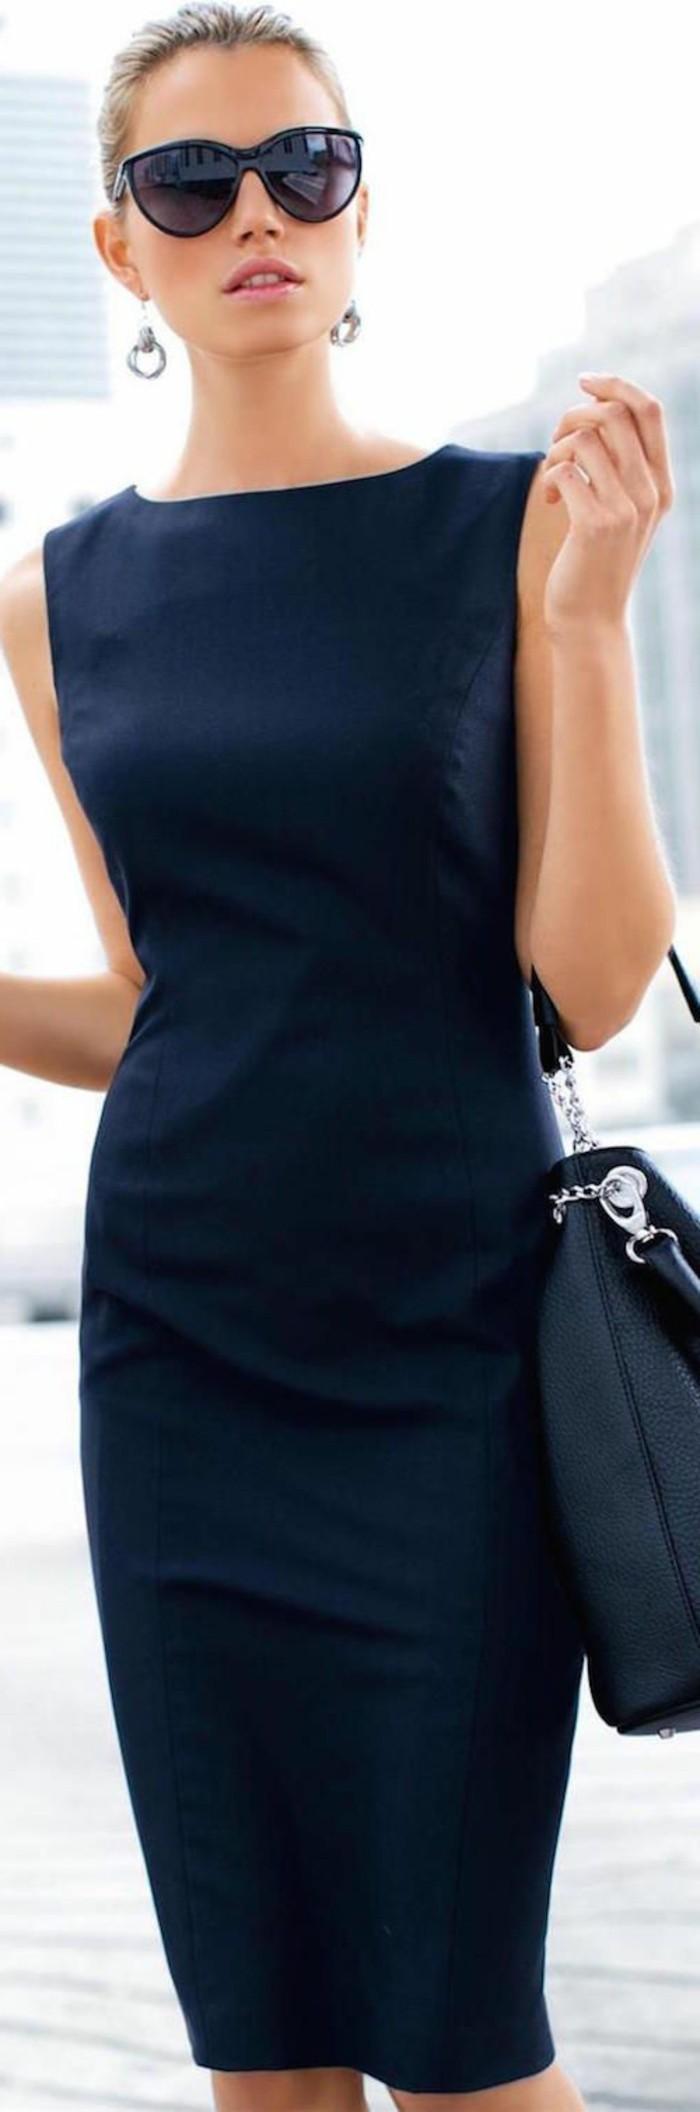 5-business-kleider-etuikleider-elegant-schwarzes-kleid-schwarze-tasche-grose-schwarze-sonnenbrille